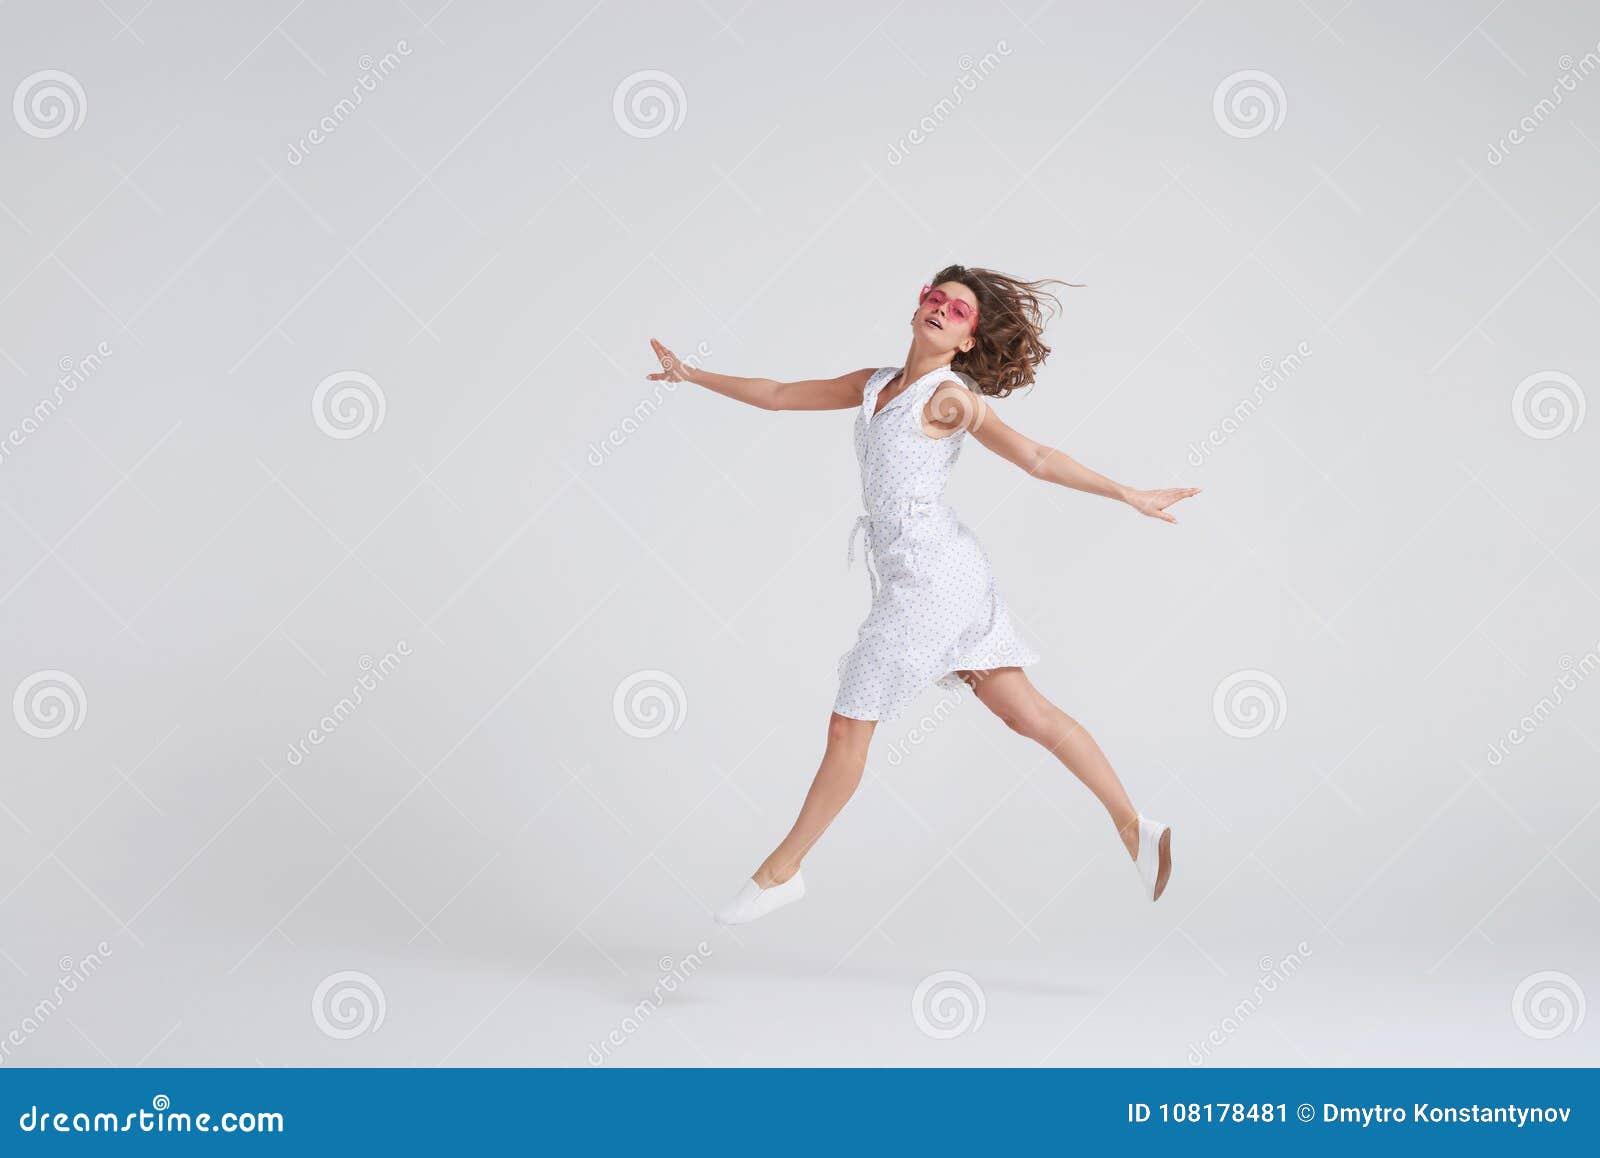 Εύθυμο κορίτσι που πηδά στον αέρα πέρα από το άσπρο υπόβαθρο